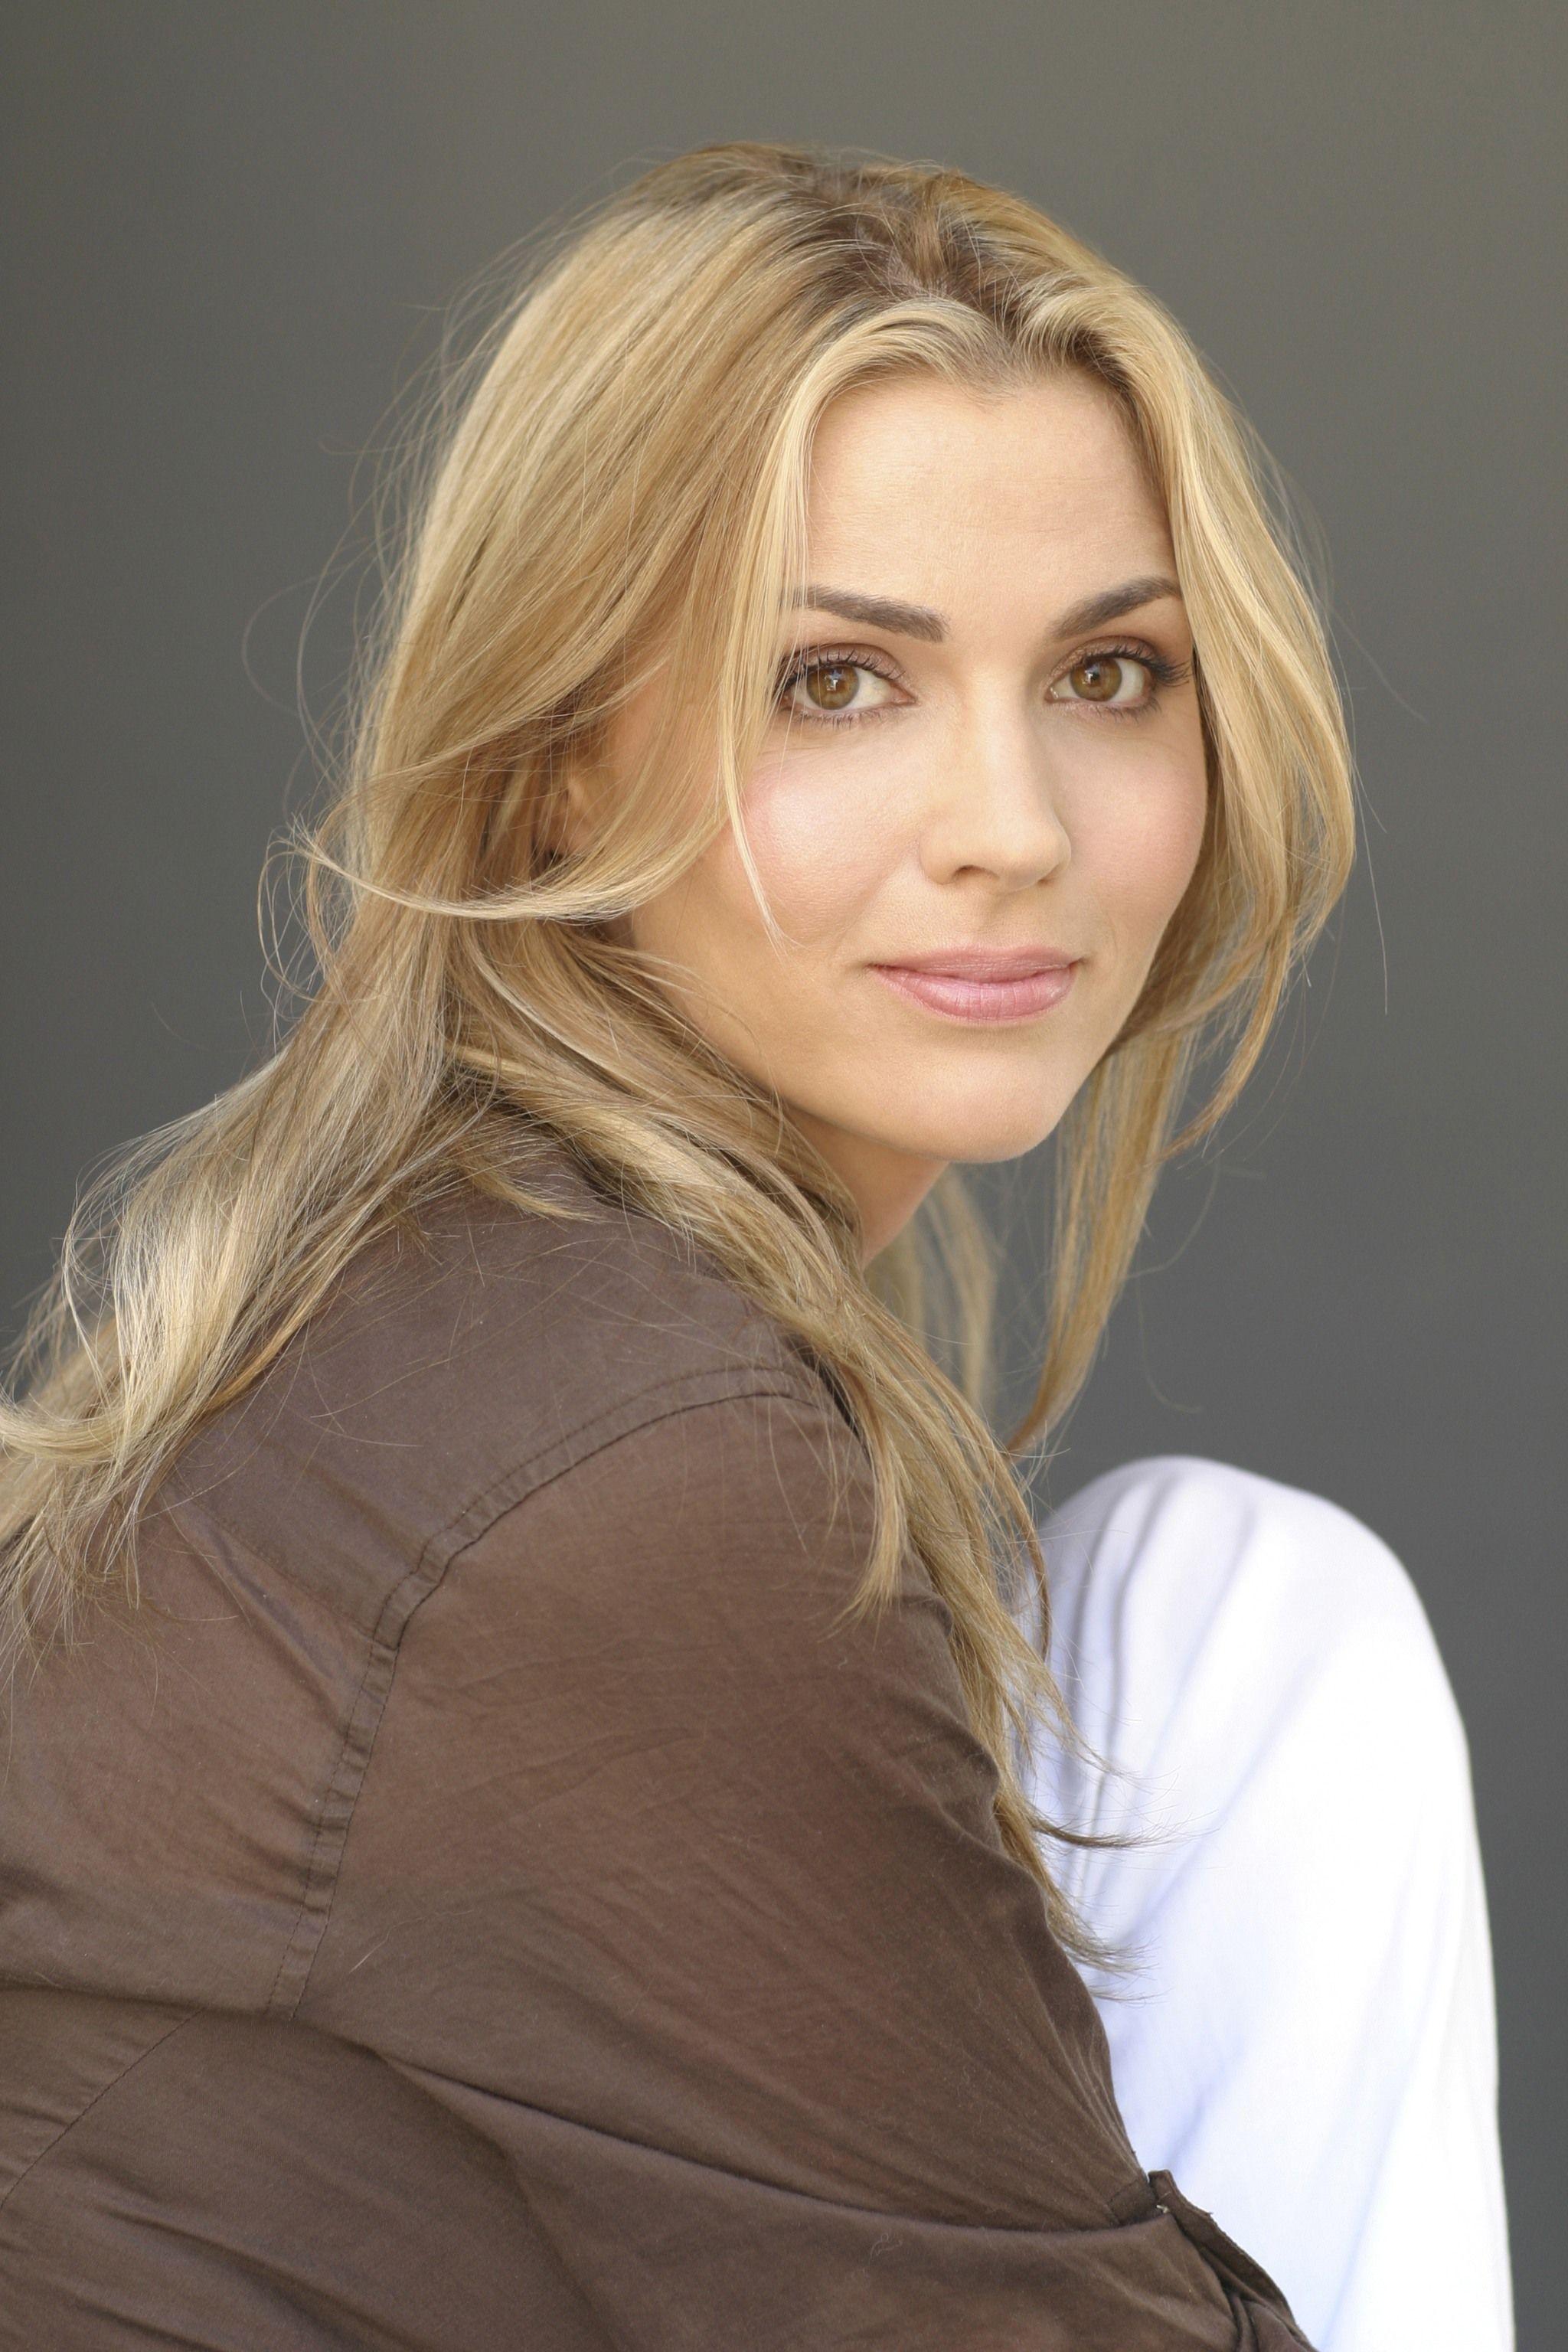 Nicole Scherzinger pics